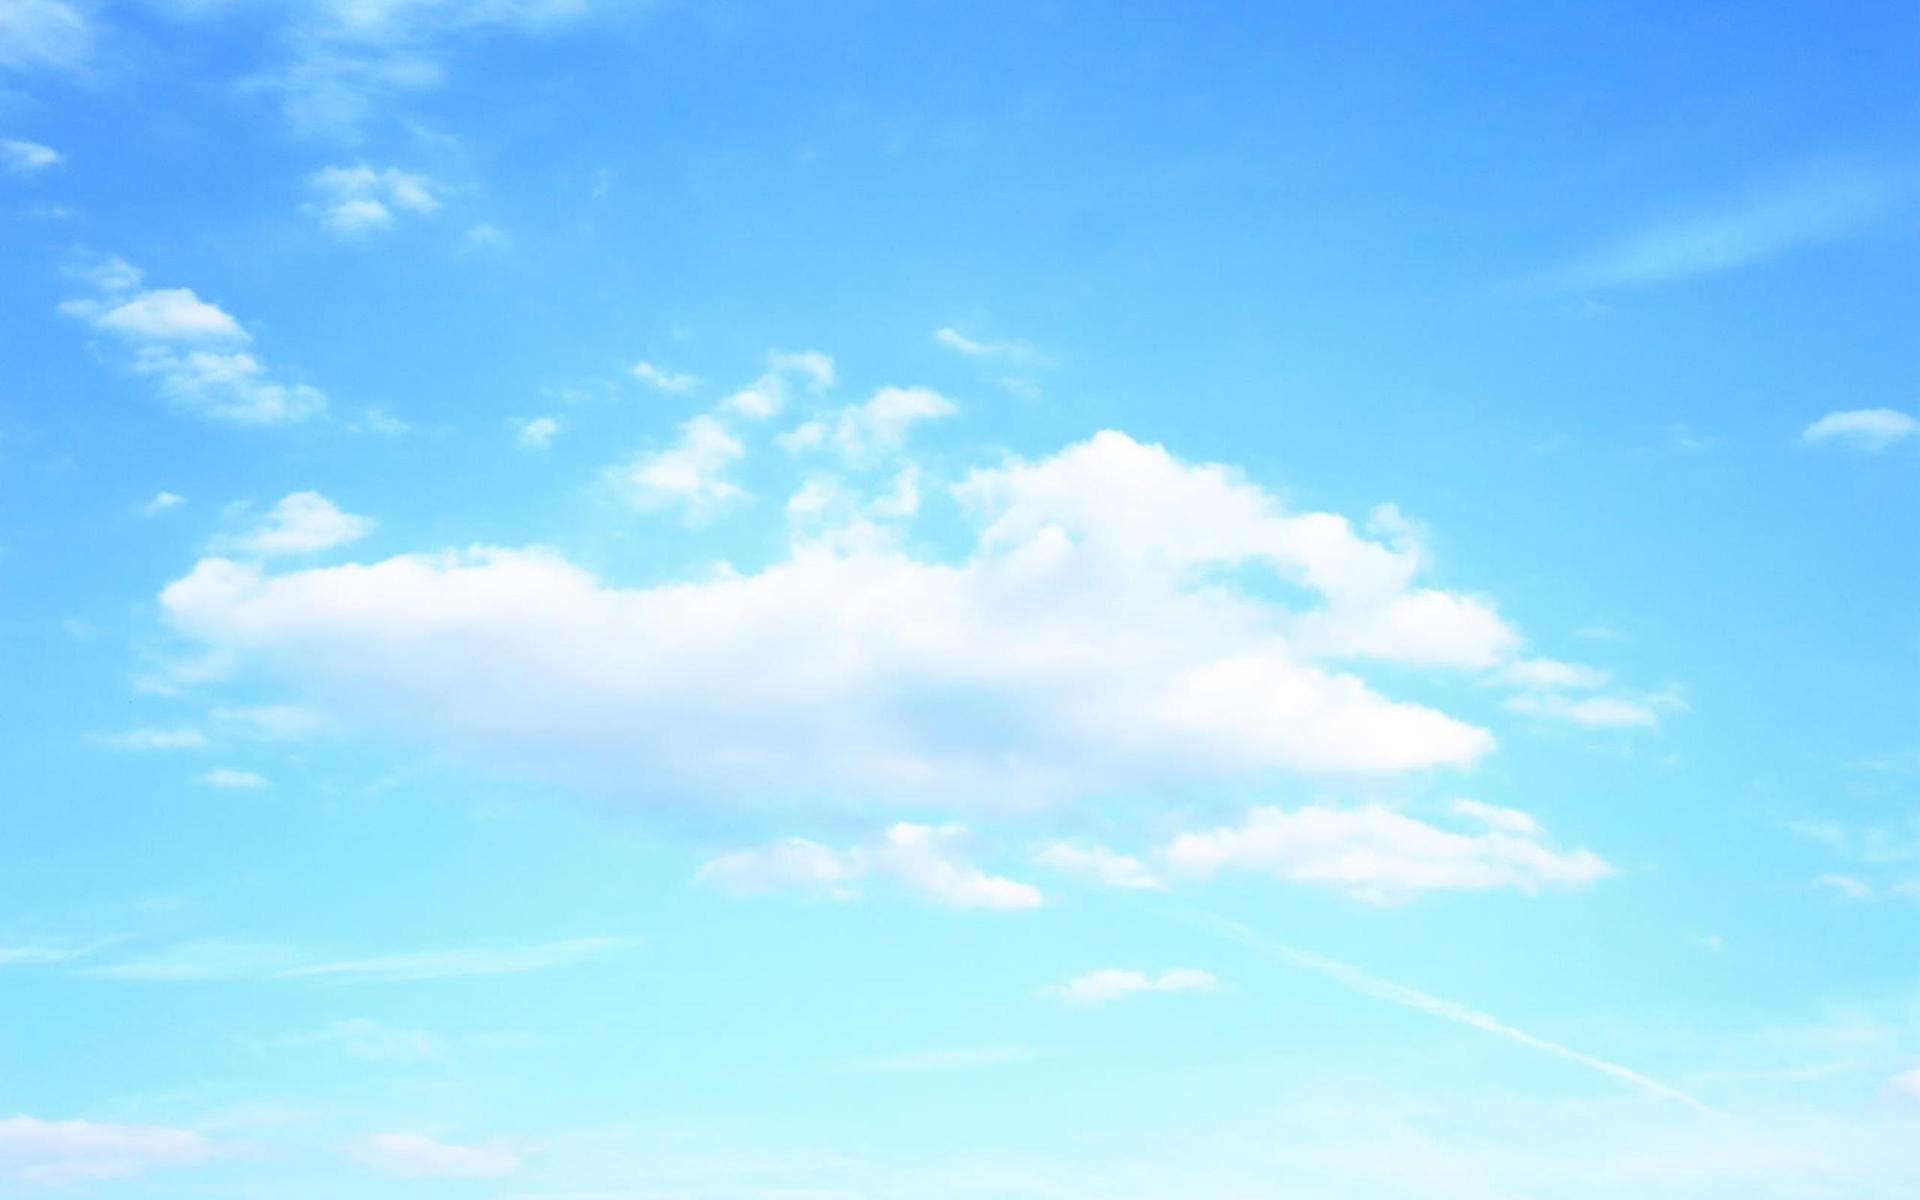 唯美纯净的蓝色天空桌面图片